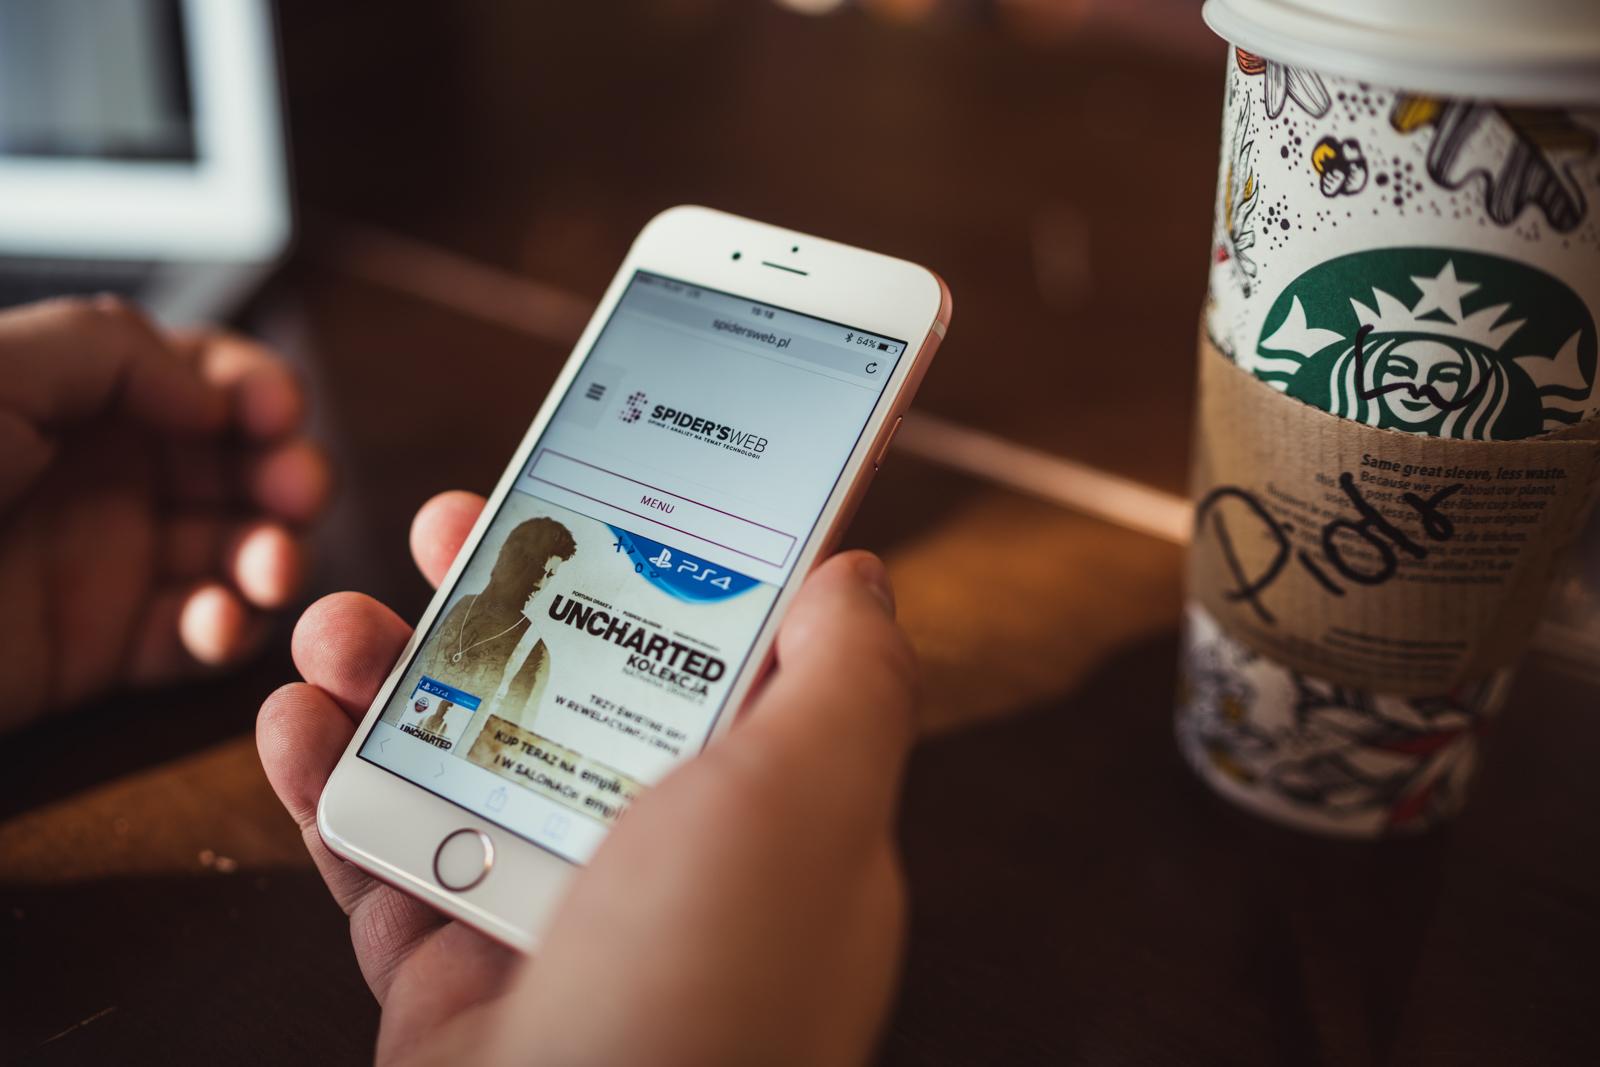 Gruba afera czy kaczka dziennikarska? iPhone 6 i 6 Plus mają rzekomo fatalną wadę techniczną